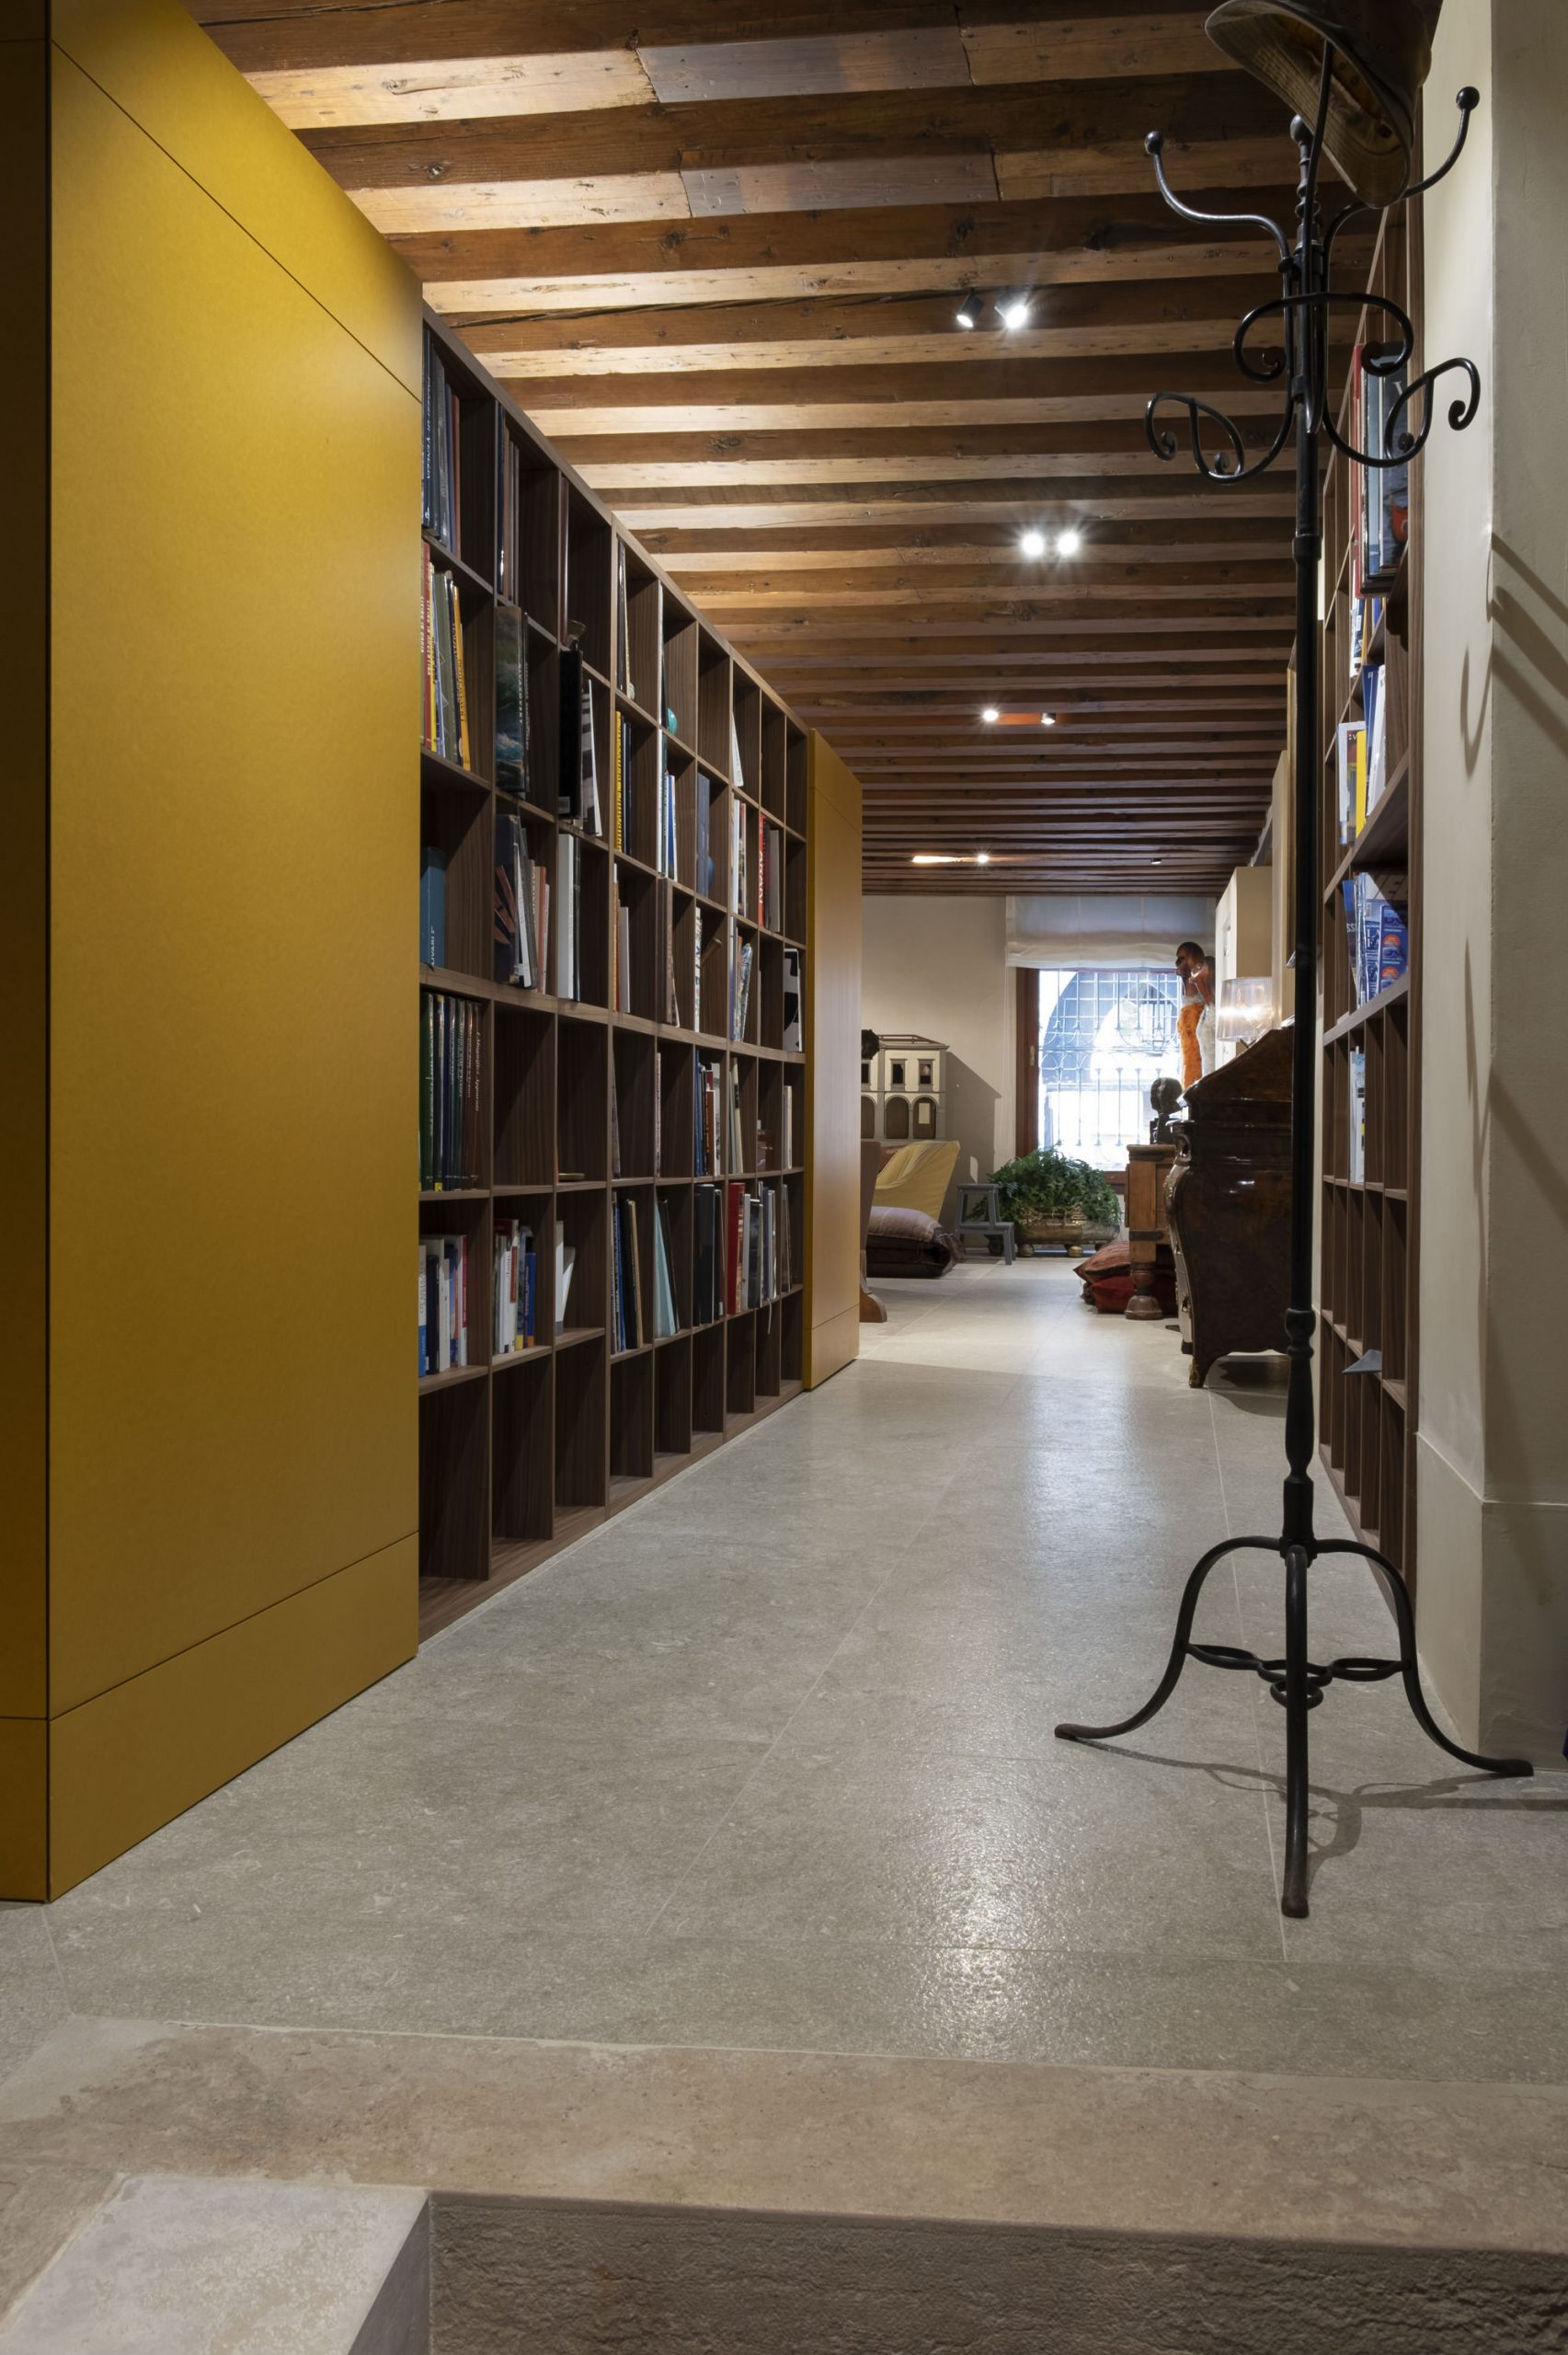 nicolaferiottistudio_casa-collezionista-12